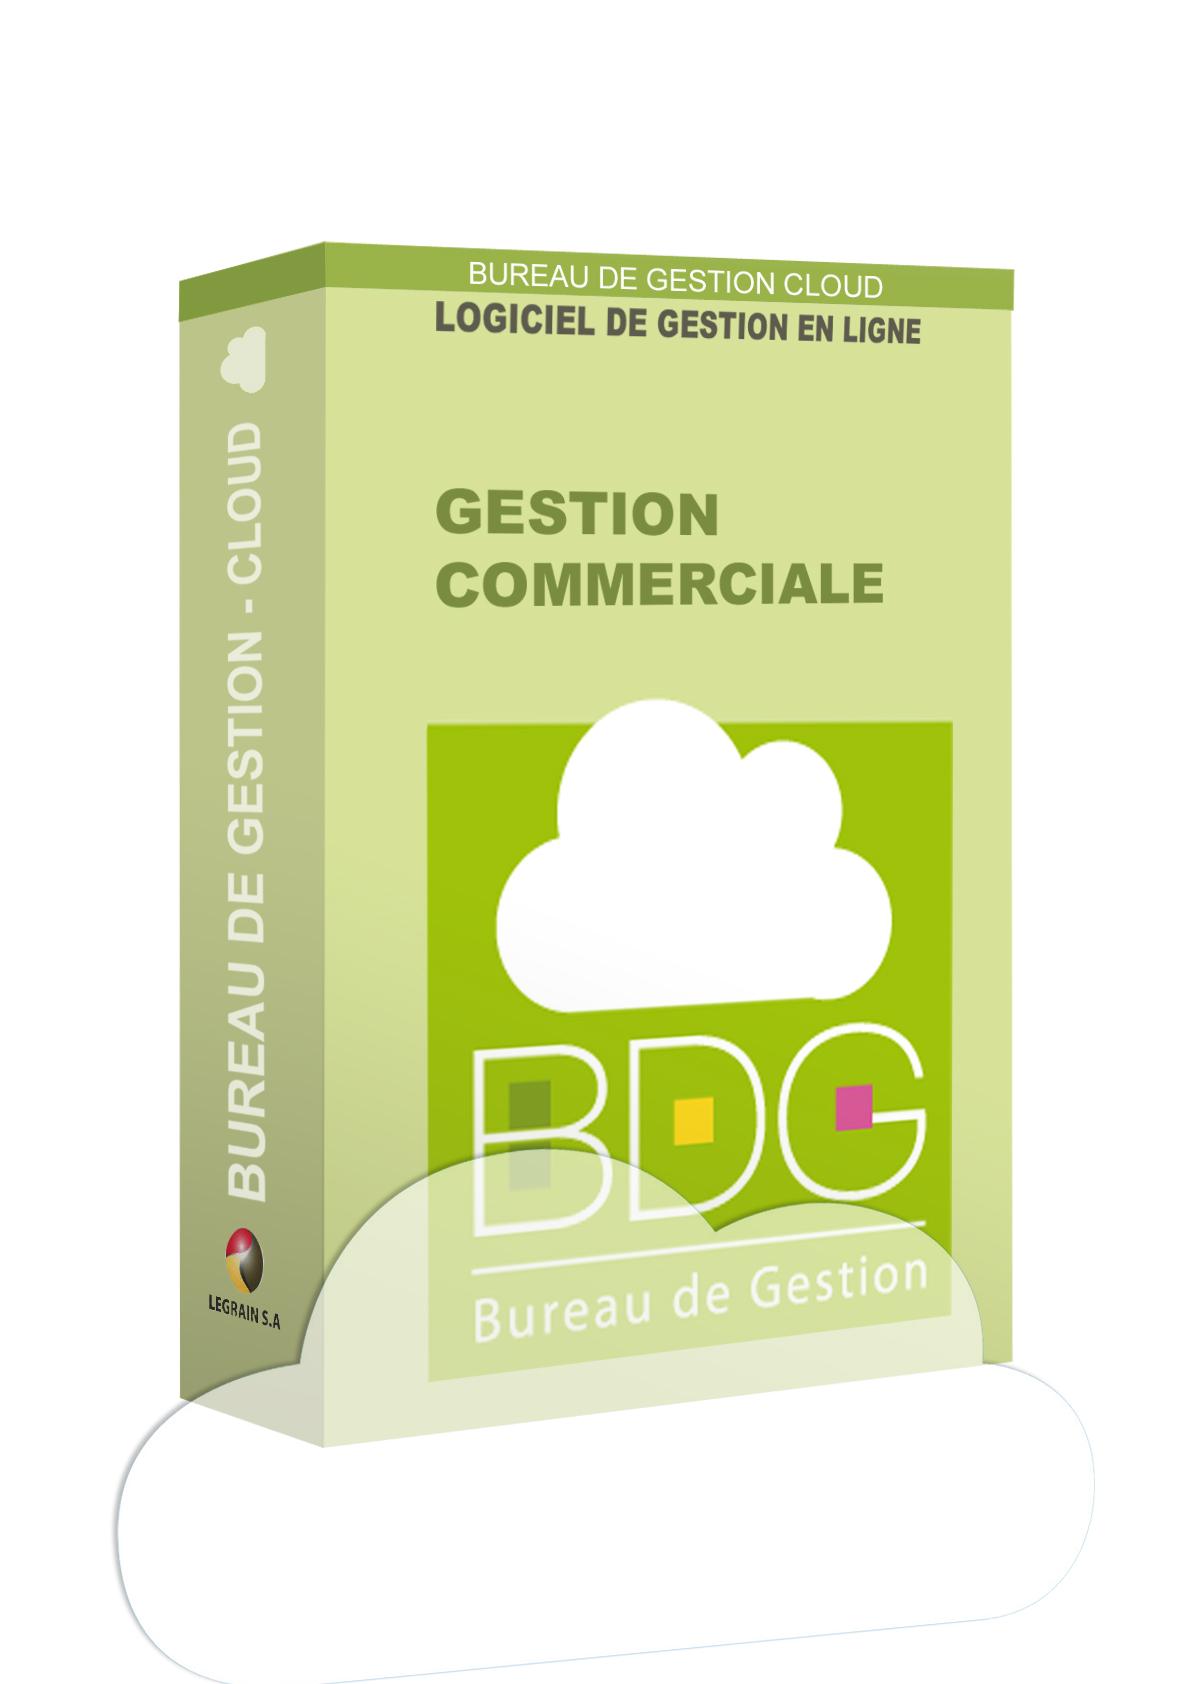 Bureau de Gestion cloud : logiciel de gestion commerciale en ligne